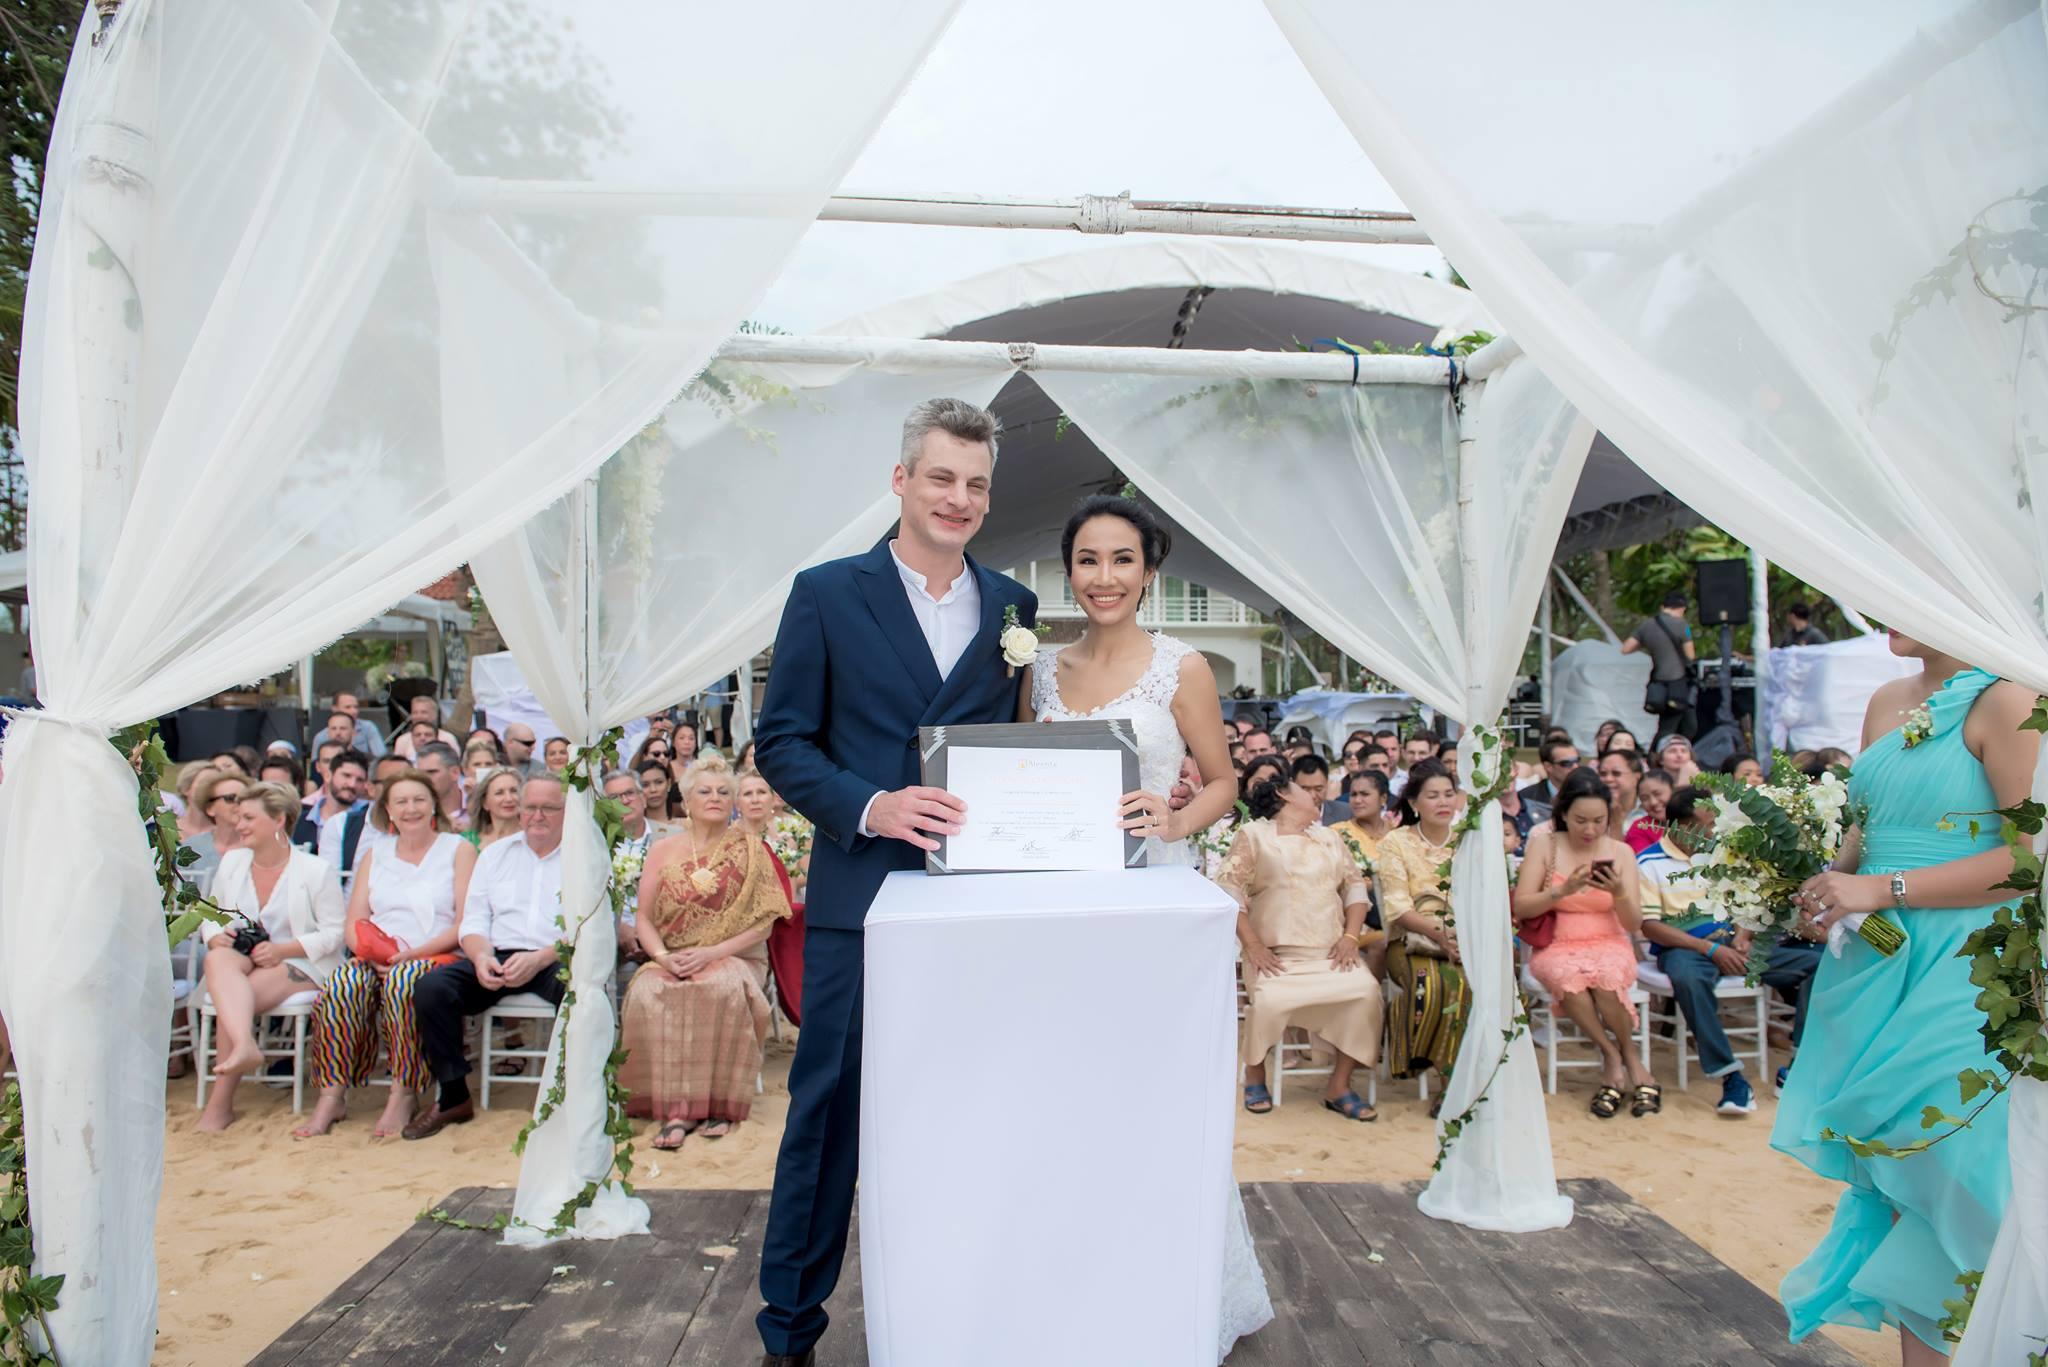 Destination wedding Thailand inspiration